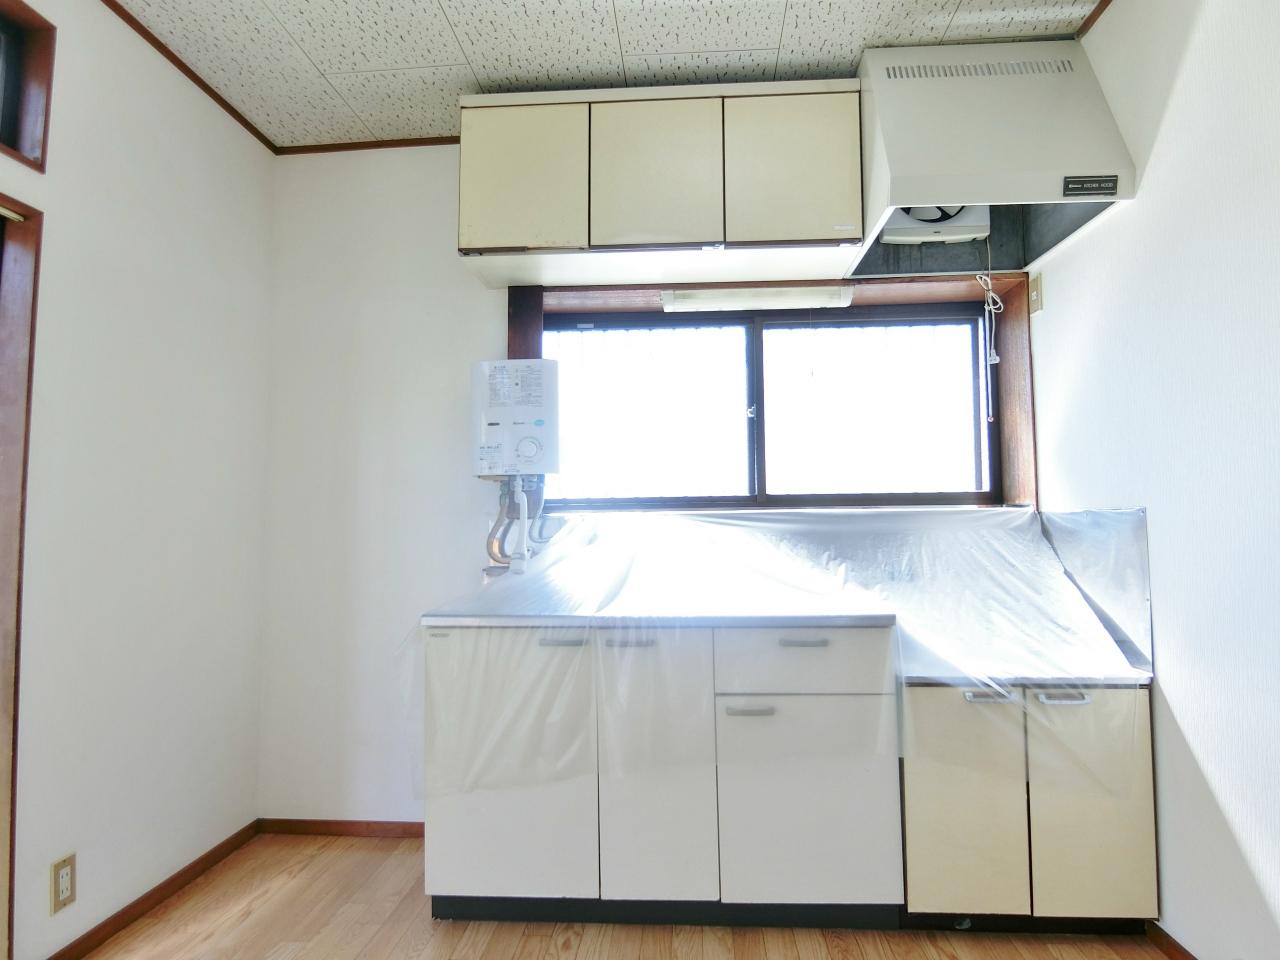 キッチン 瞬間湯沸器は残置物扱いになります。